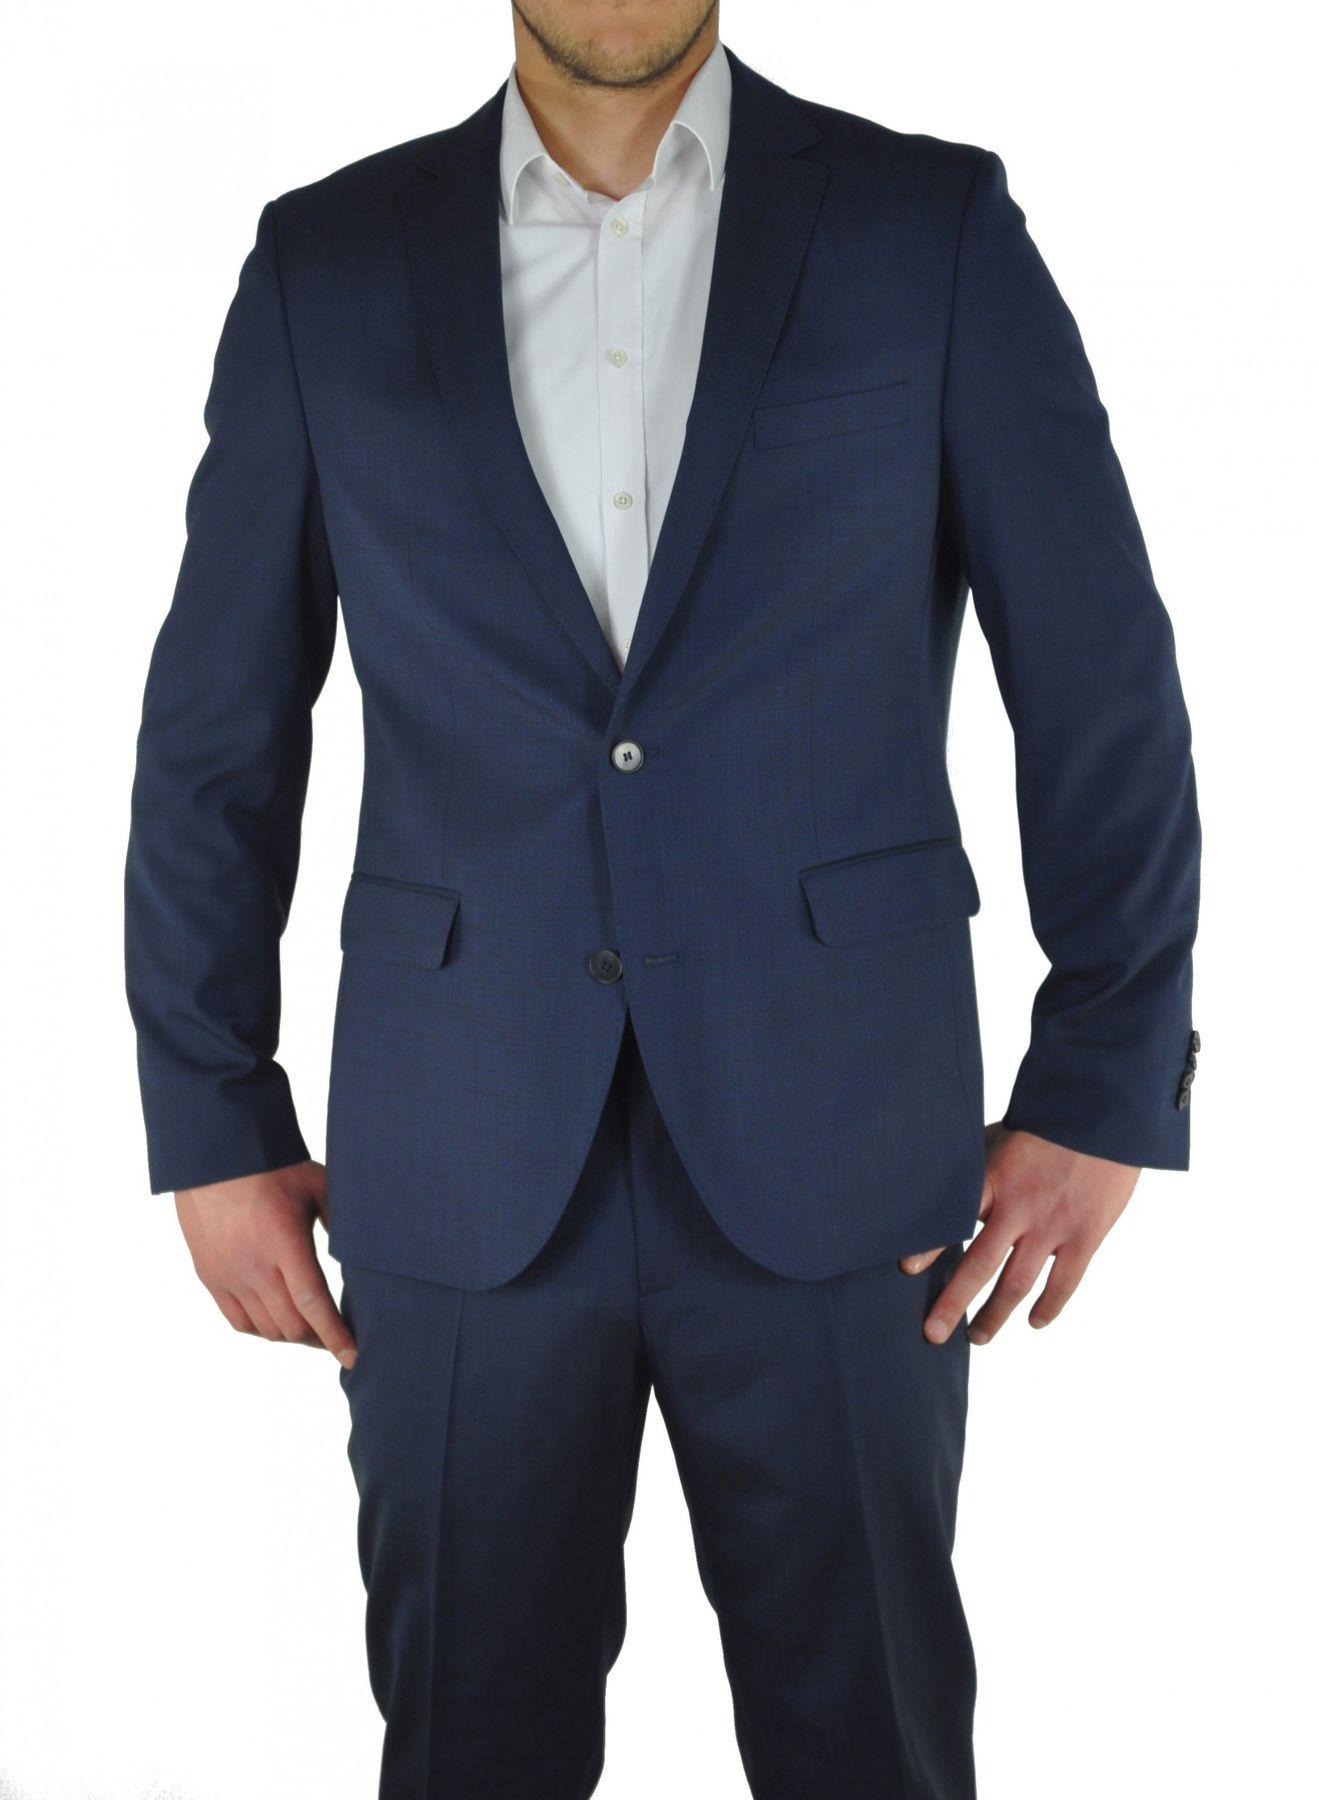 Moderner Anzug in den Farben Anthrazit oder Dunkelblau, Modern Fit, Marco/Gio (8351720) – Bild 2